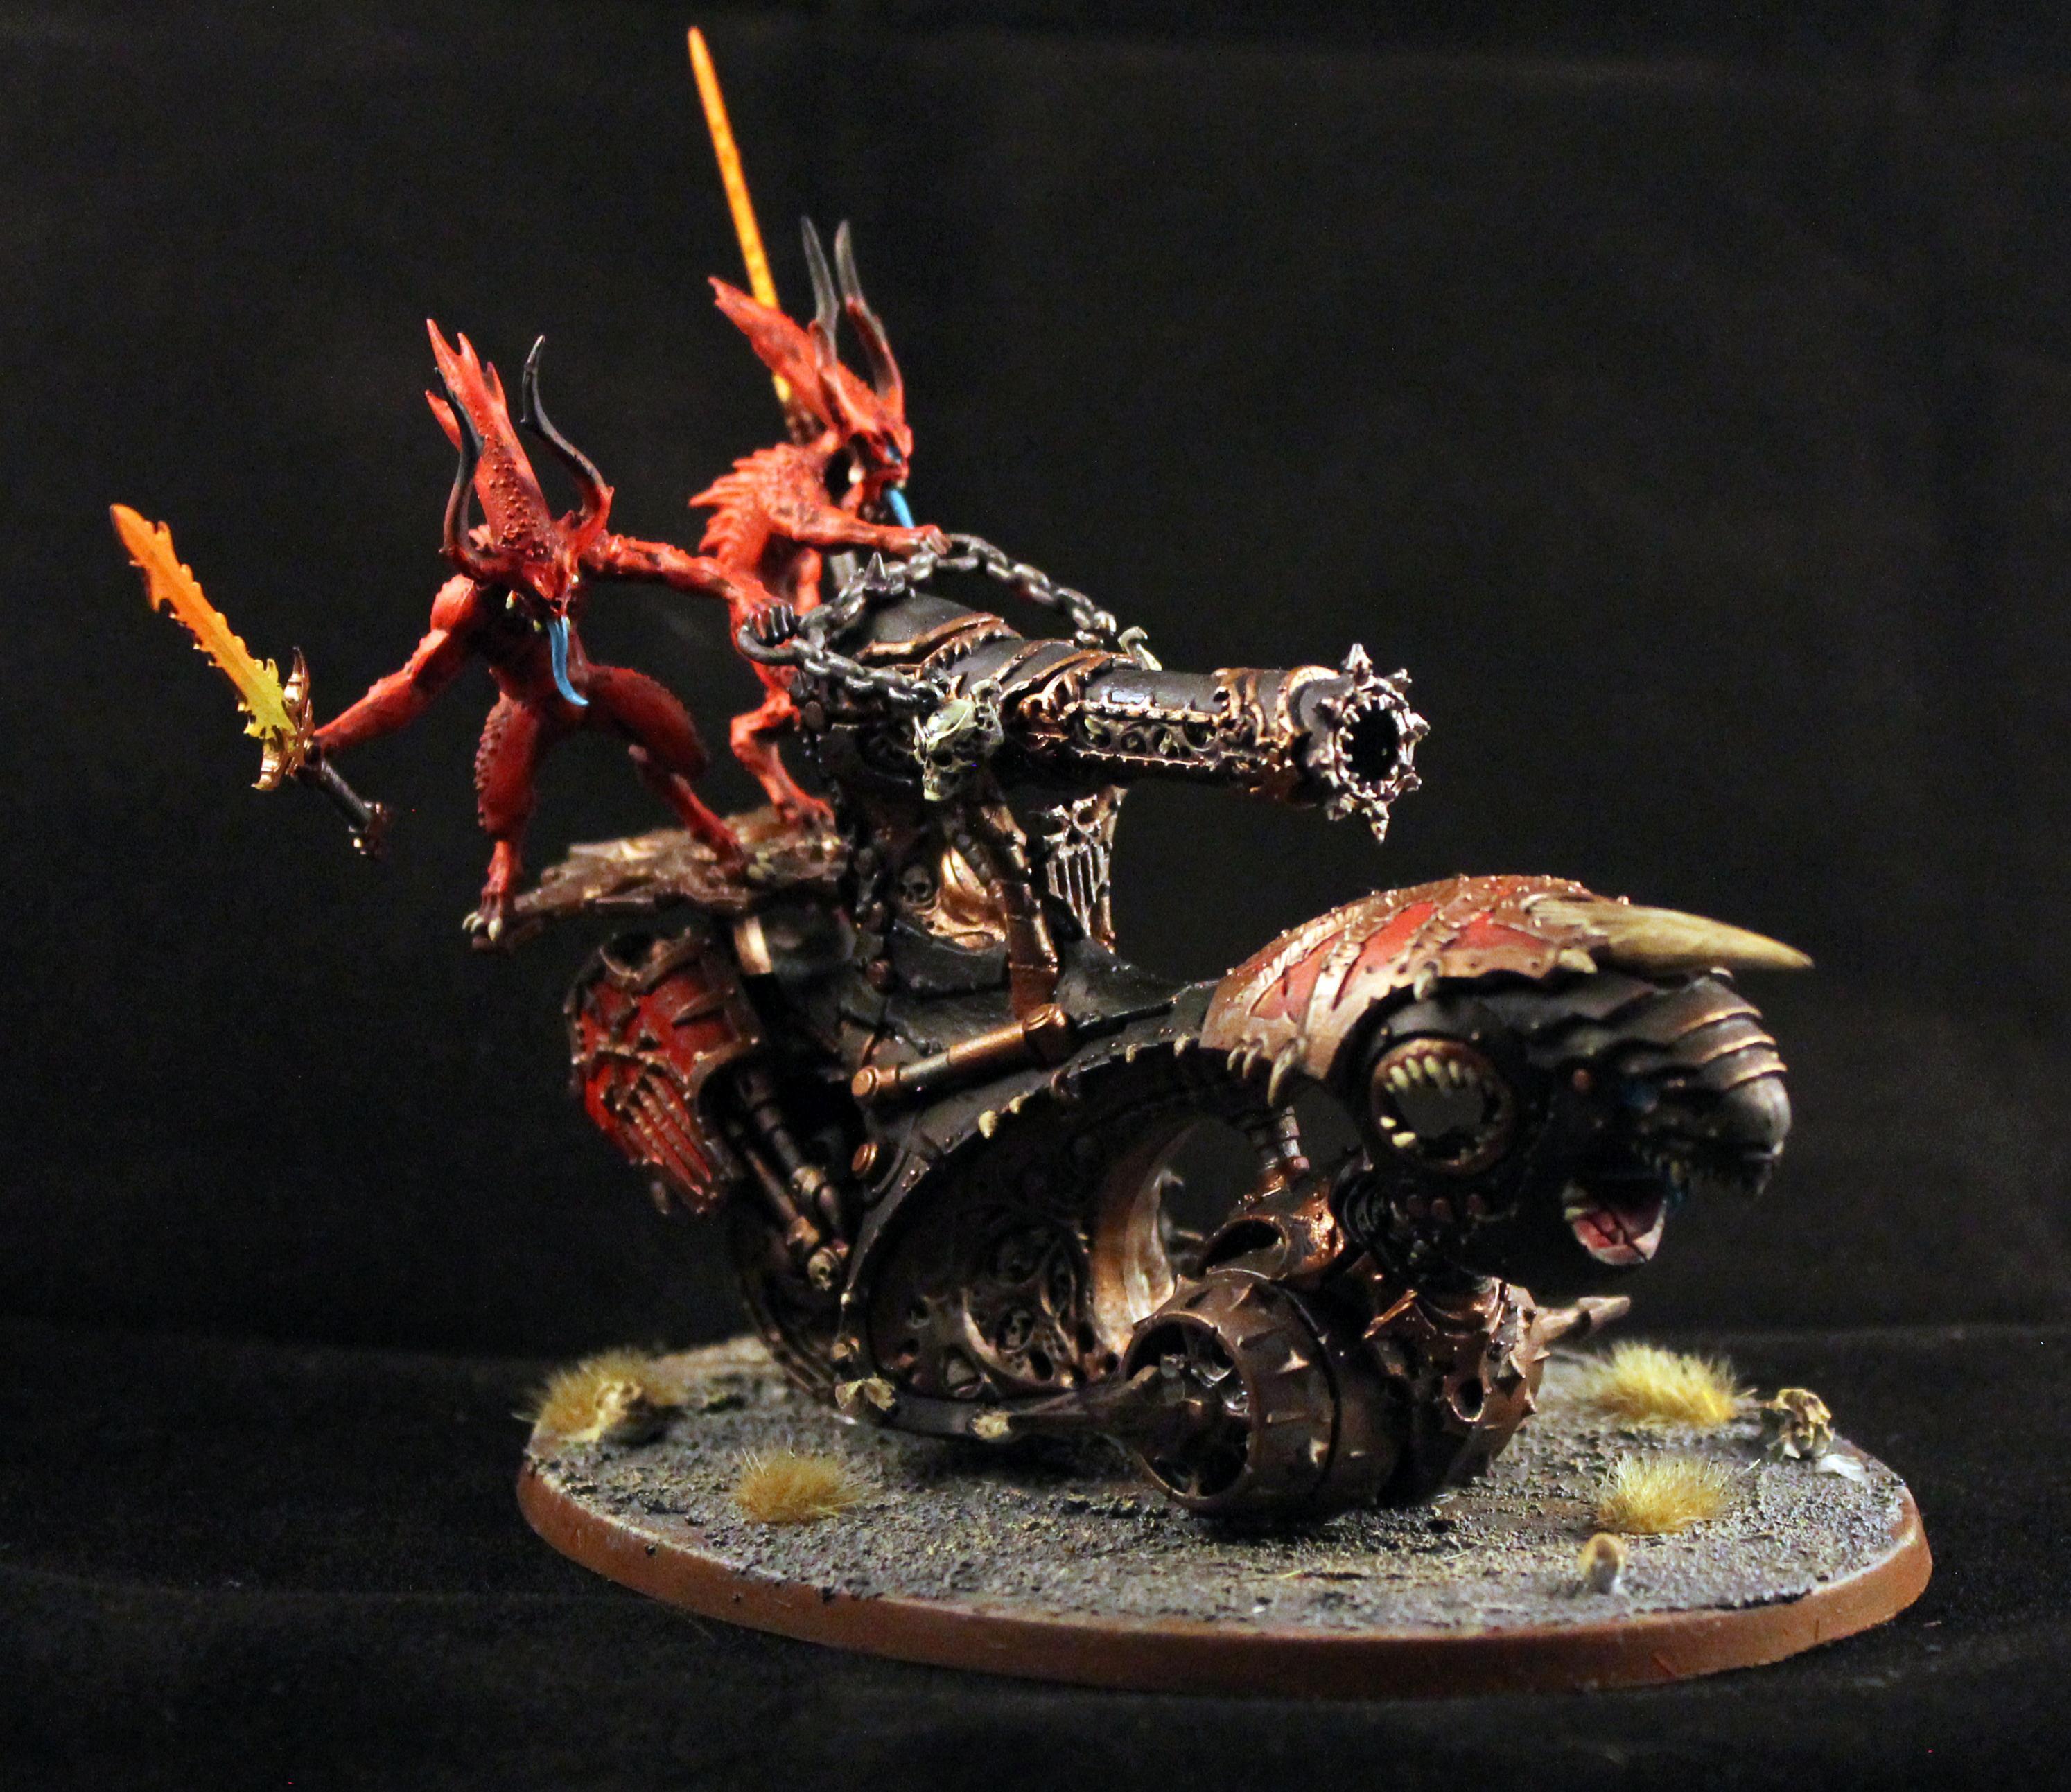 Chaos Daemons, Chaos Demon, Games Workshop, Khorne, Skull Cannon, Warhammer 40,000